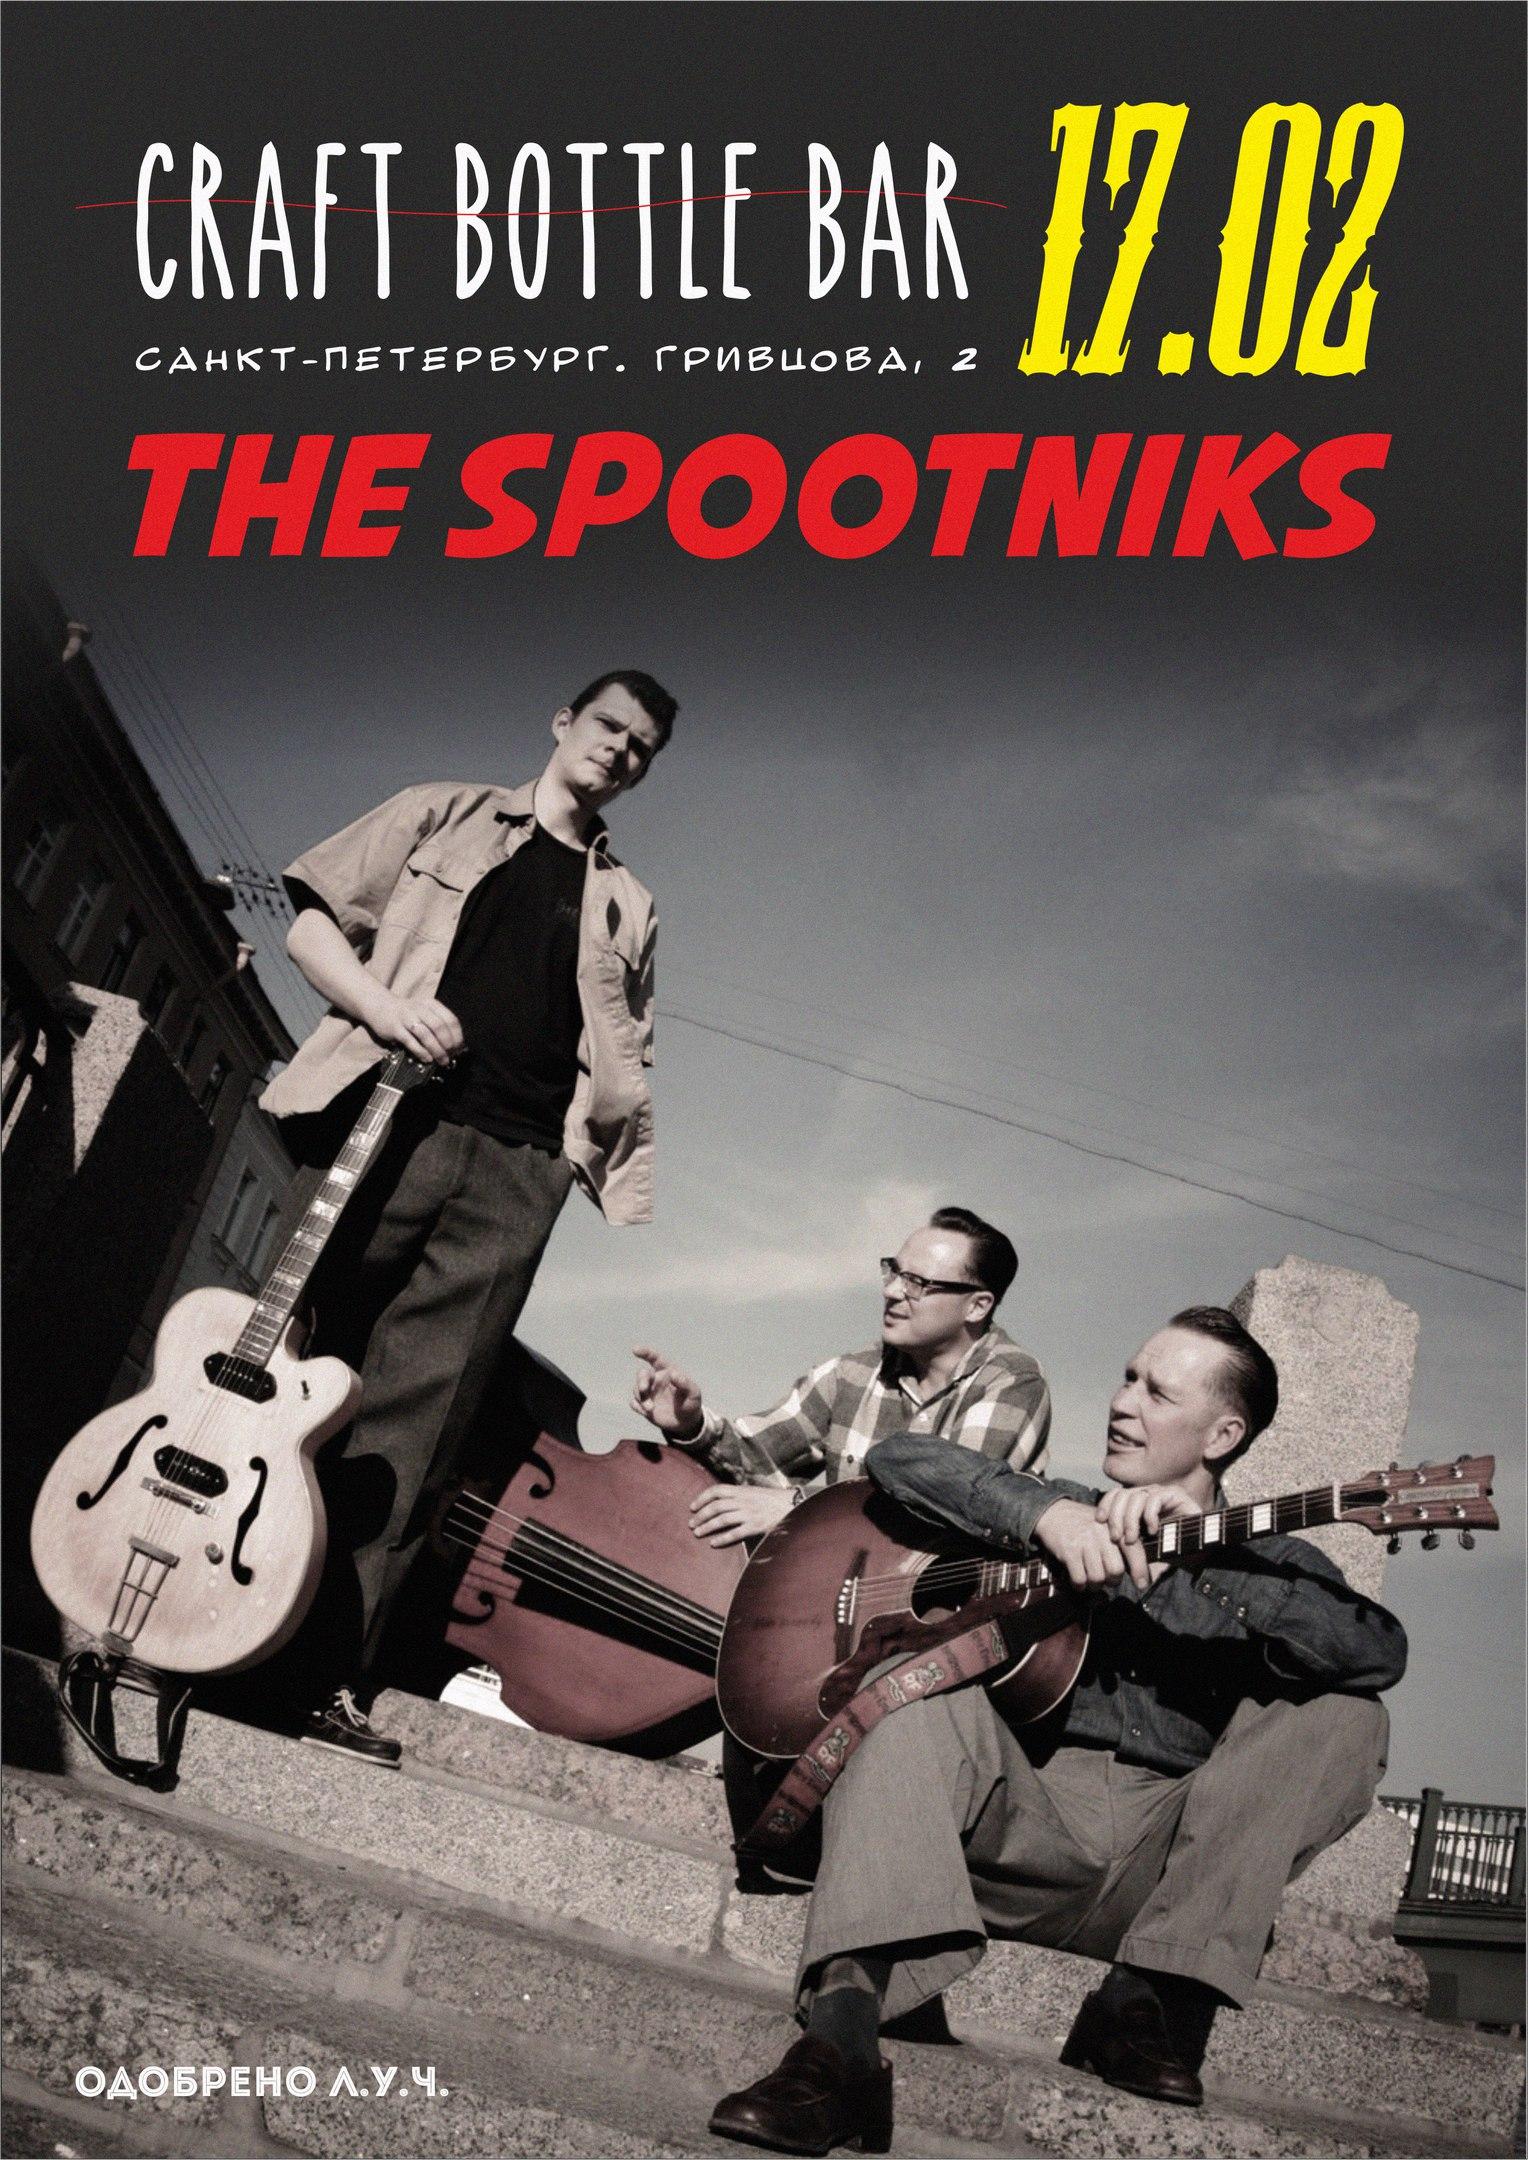 17.02 The Spootnics в Craft Bottle bar